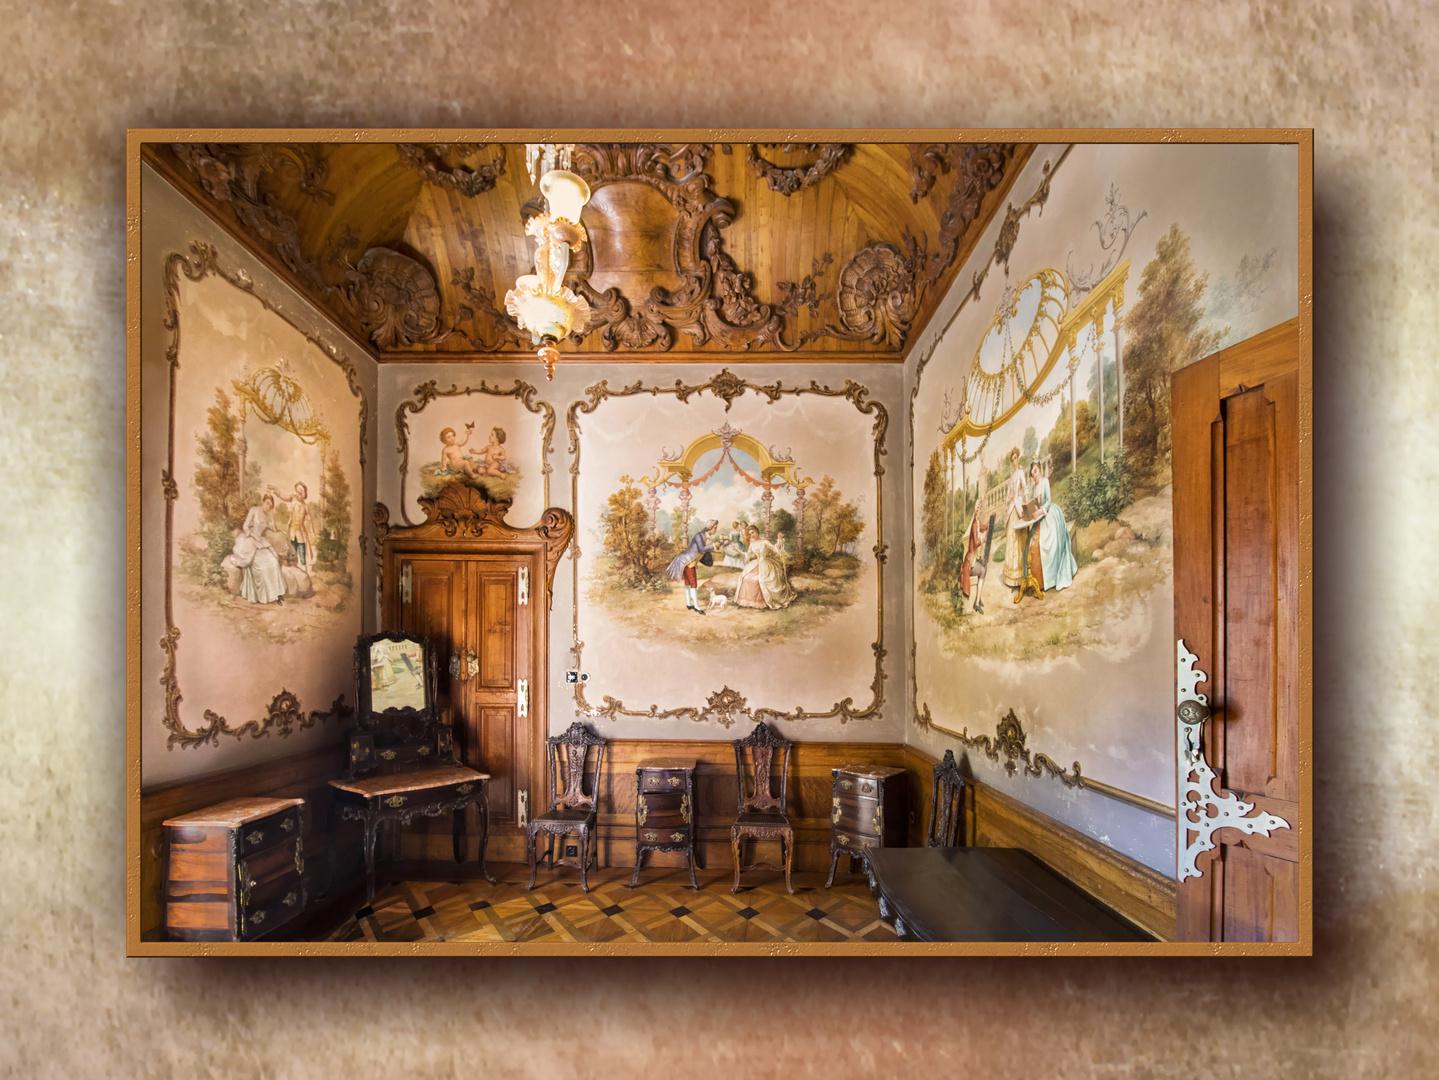 El pequeño salón. Interior del palacio de Regaleira, Sintra.